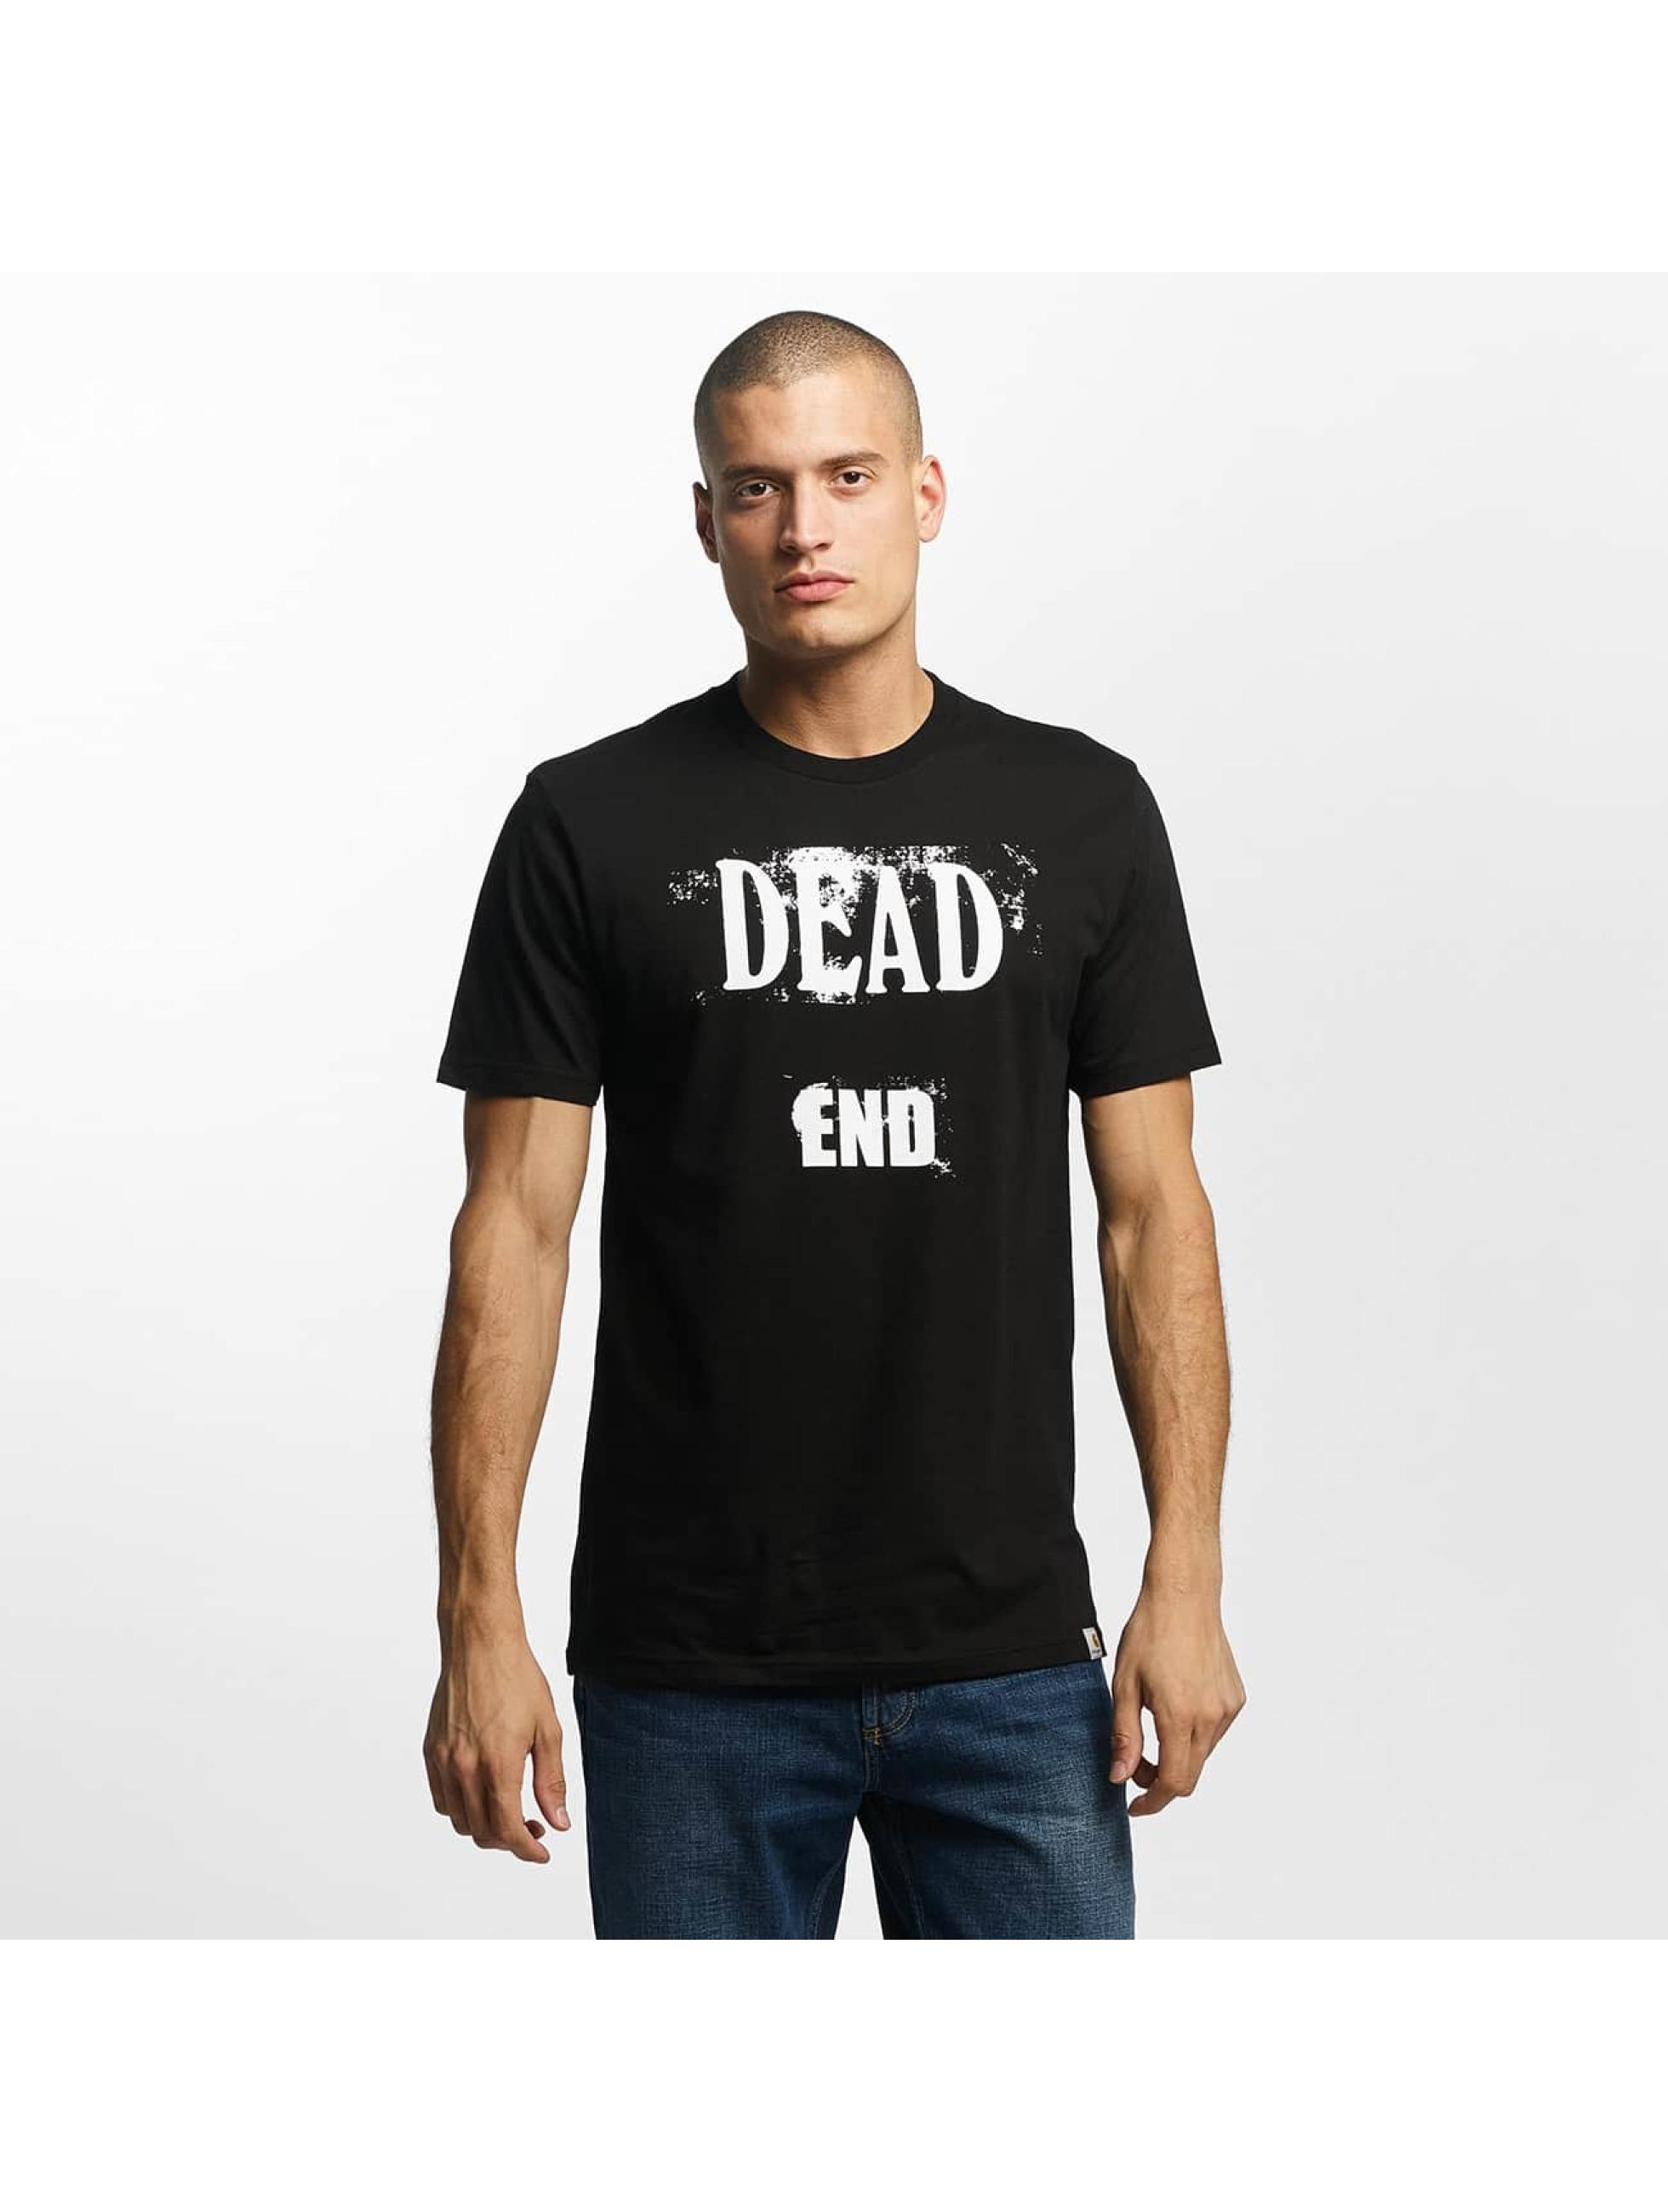 Carhartt WIP T-Shirt Dead End schwarz